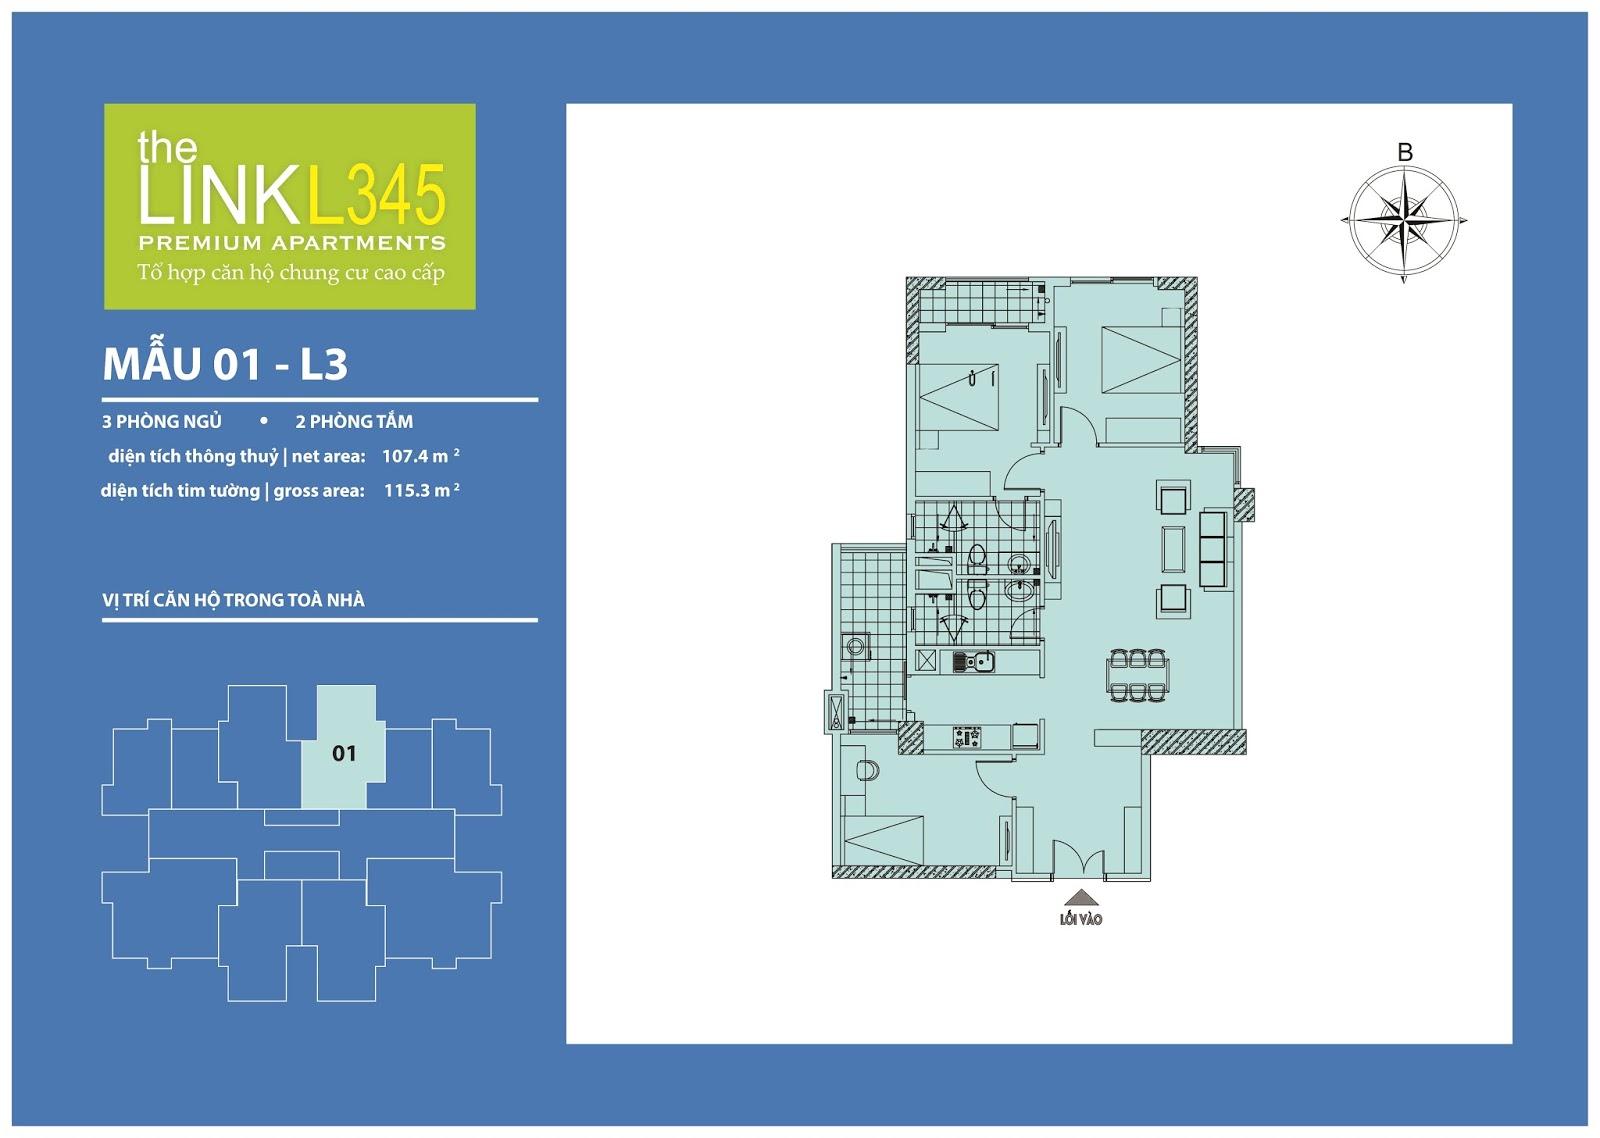 Mặt bằng chi tiết căn hộ 01 - L3 Chung cư The Link 345 Ciputra